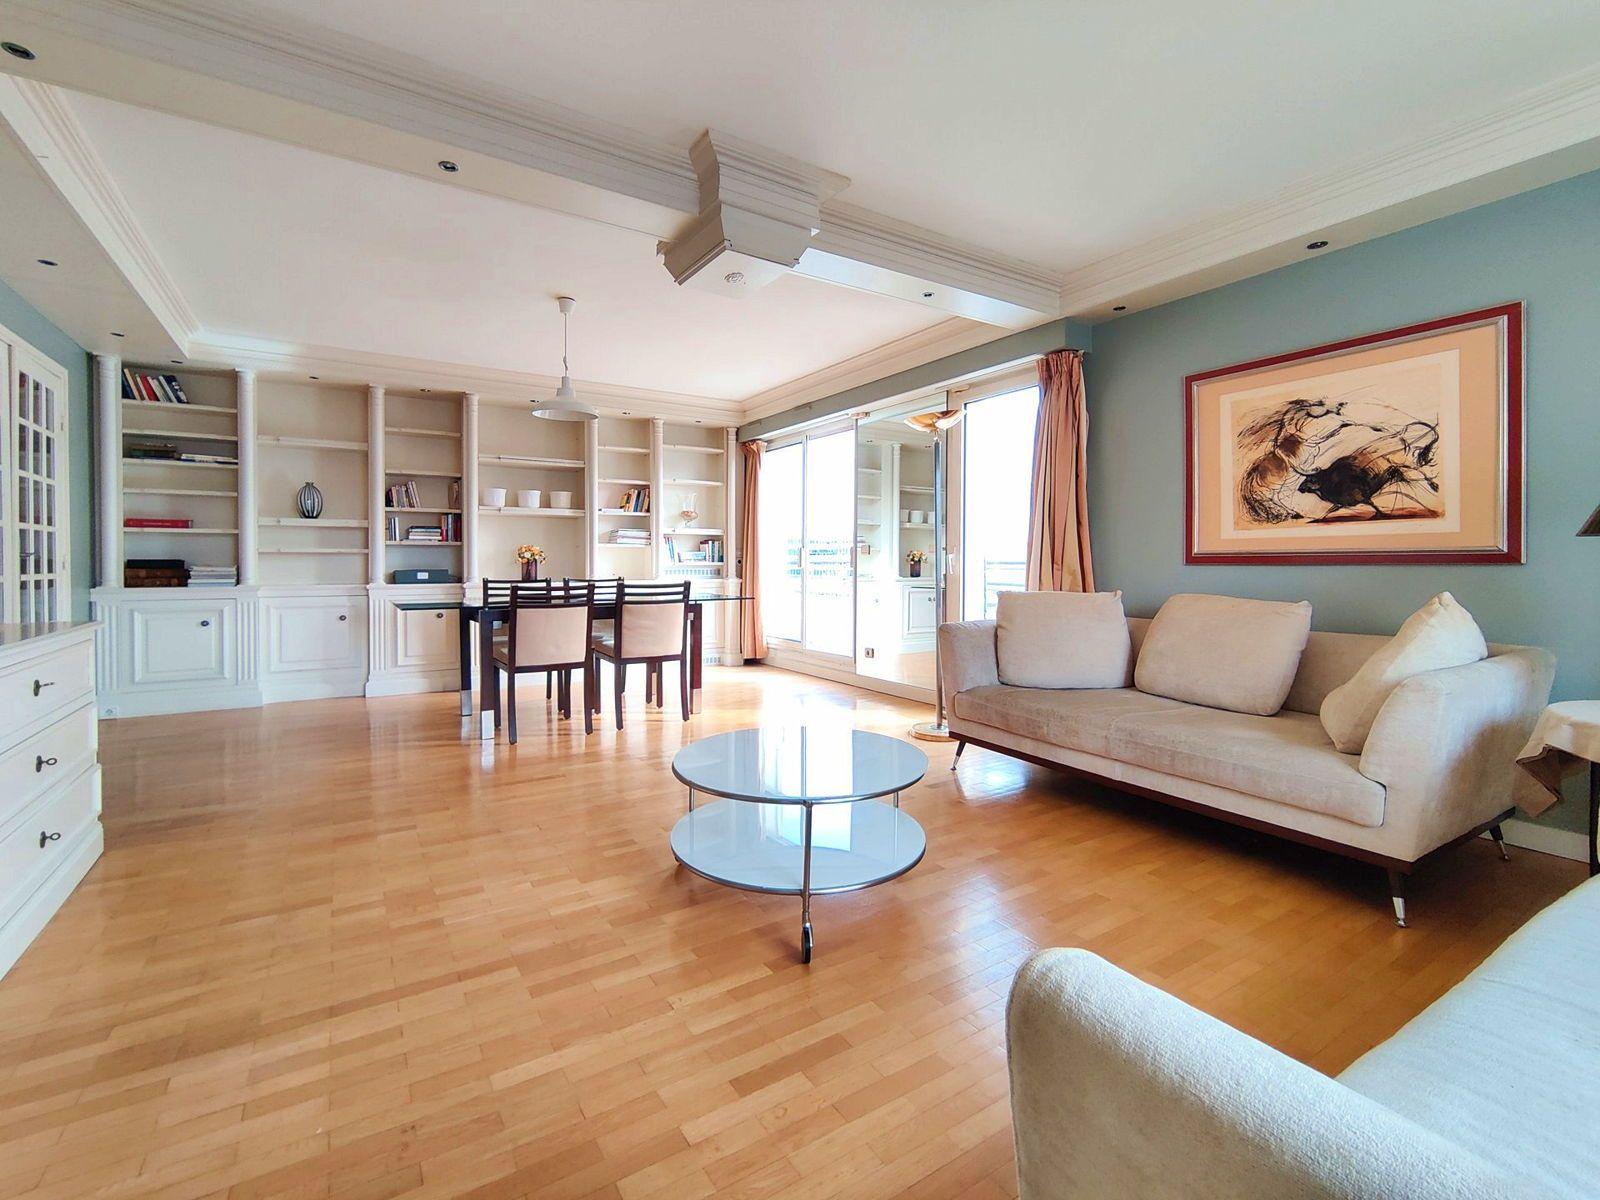 Vends grand appartement 4pièces avec balcon - Front de Seine - Levallois-Perret (92) - 105m²